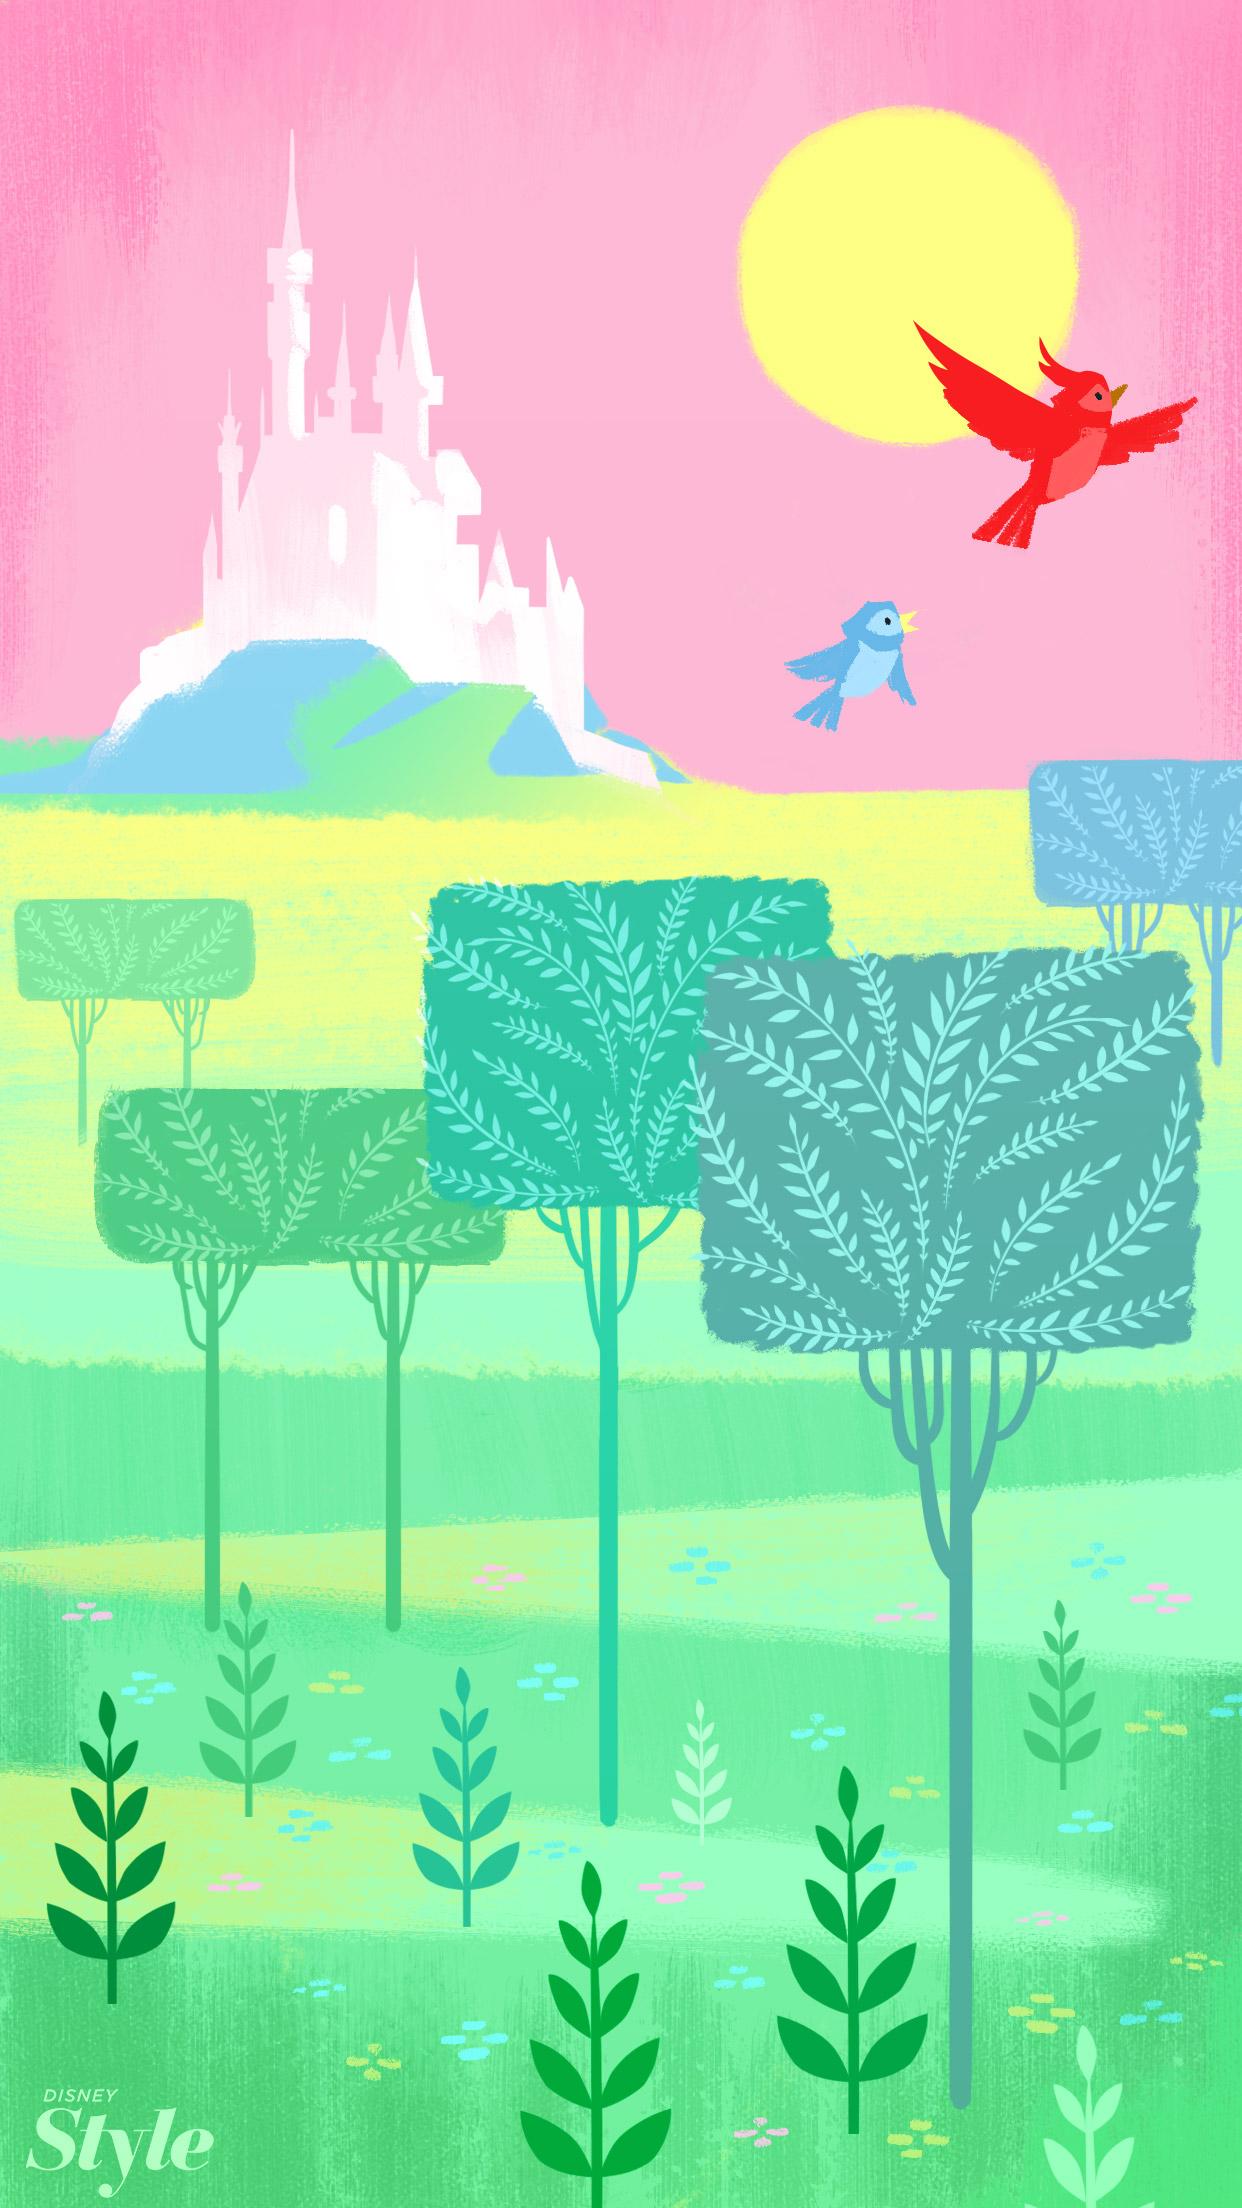 49 Disney Phone Wallpapers On Wallpapersafari